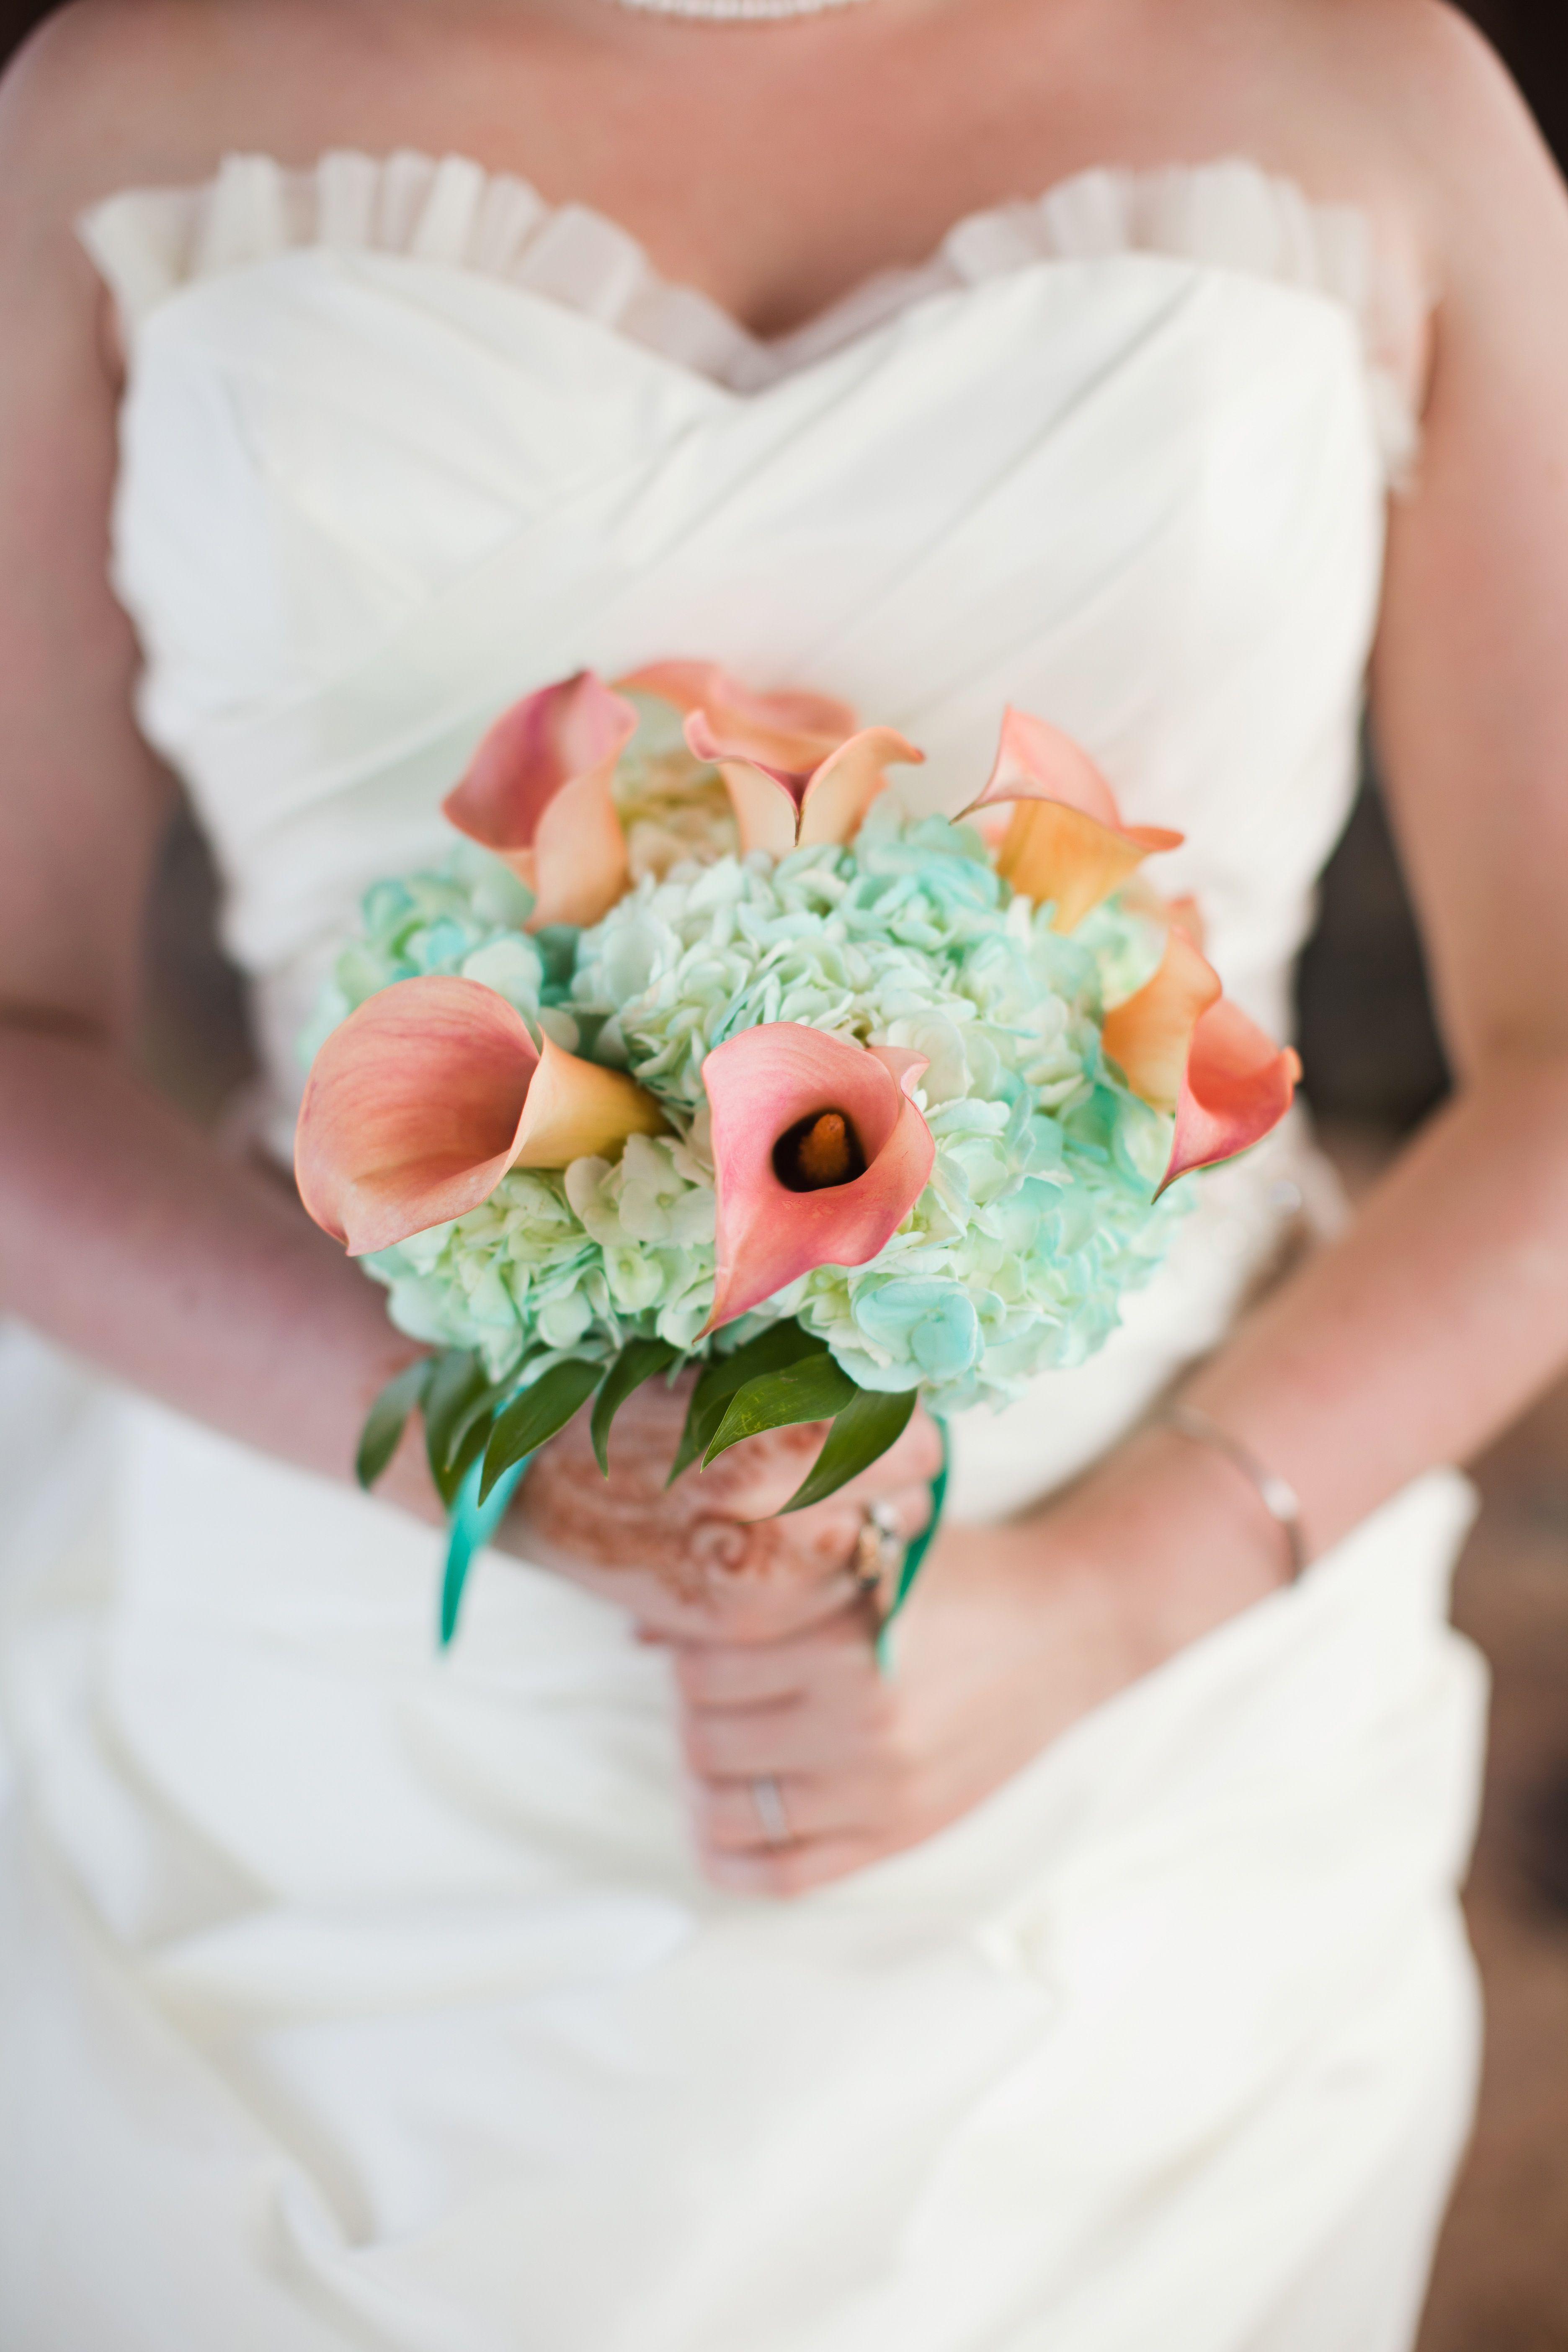 Wedding Bouquet Blue Hydrangea & Peach Calla Lily